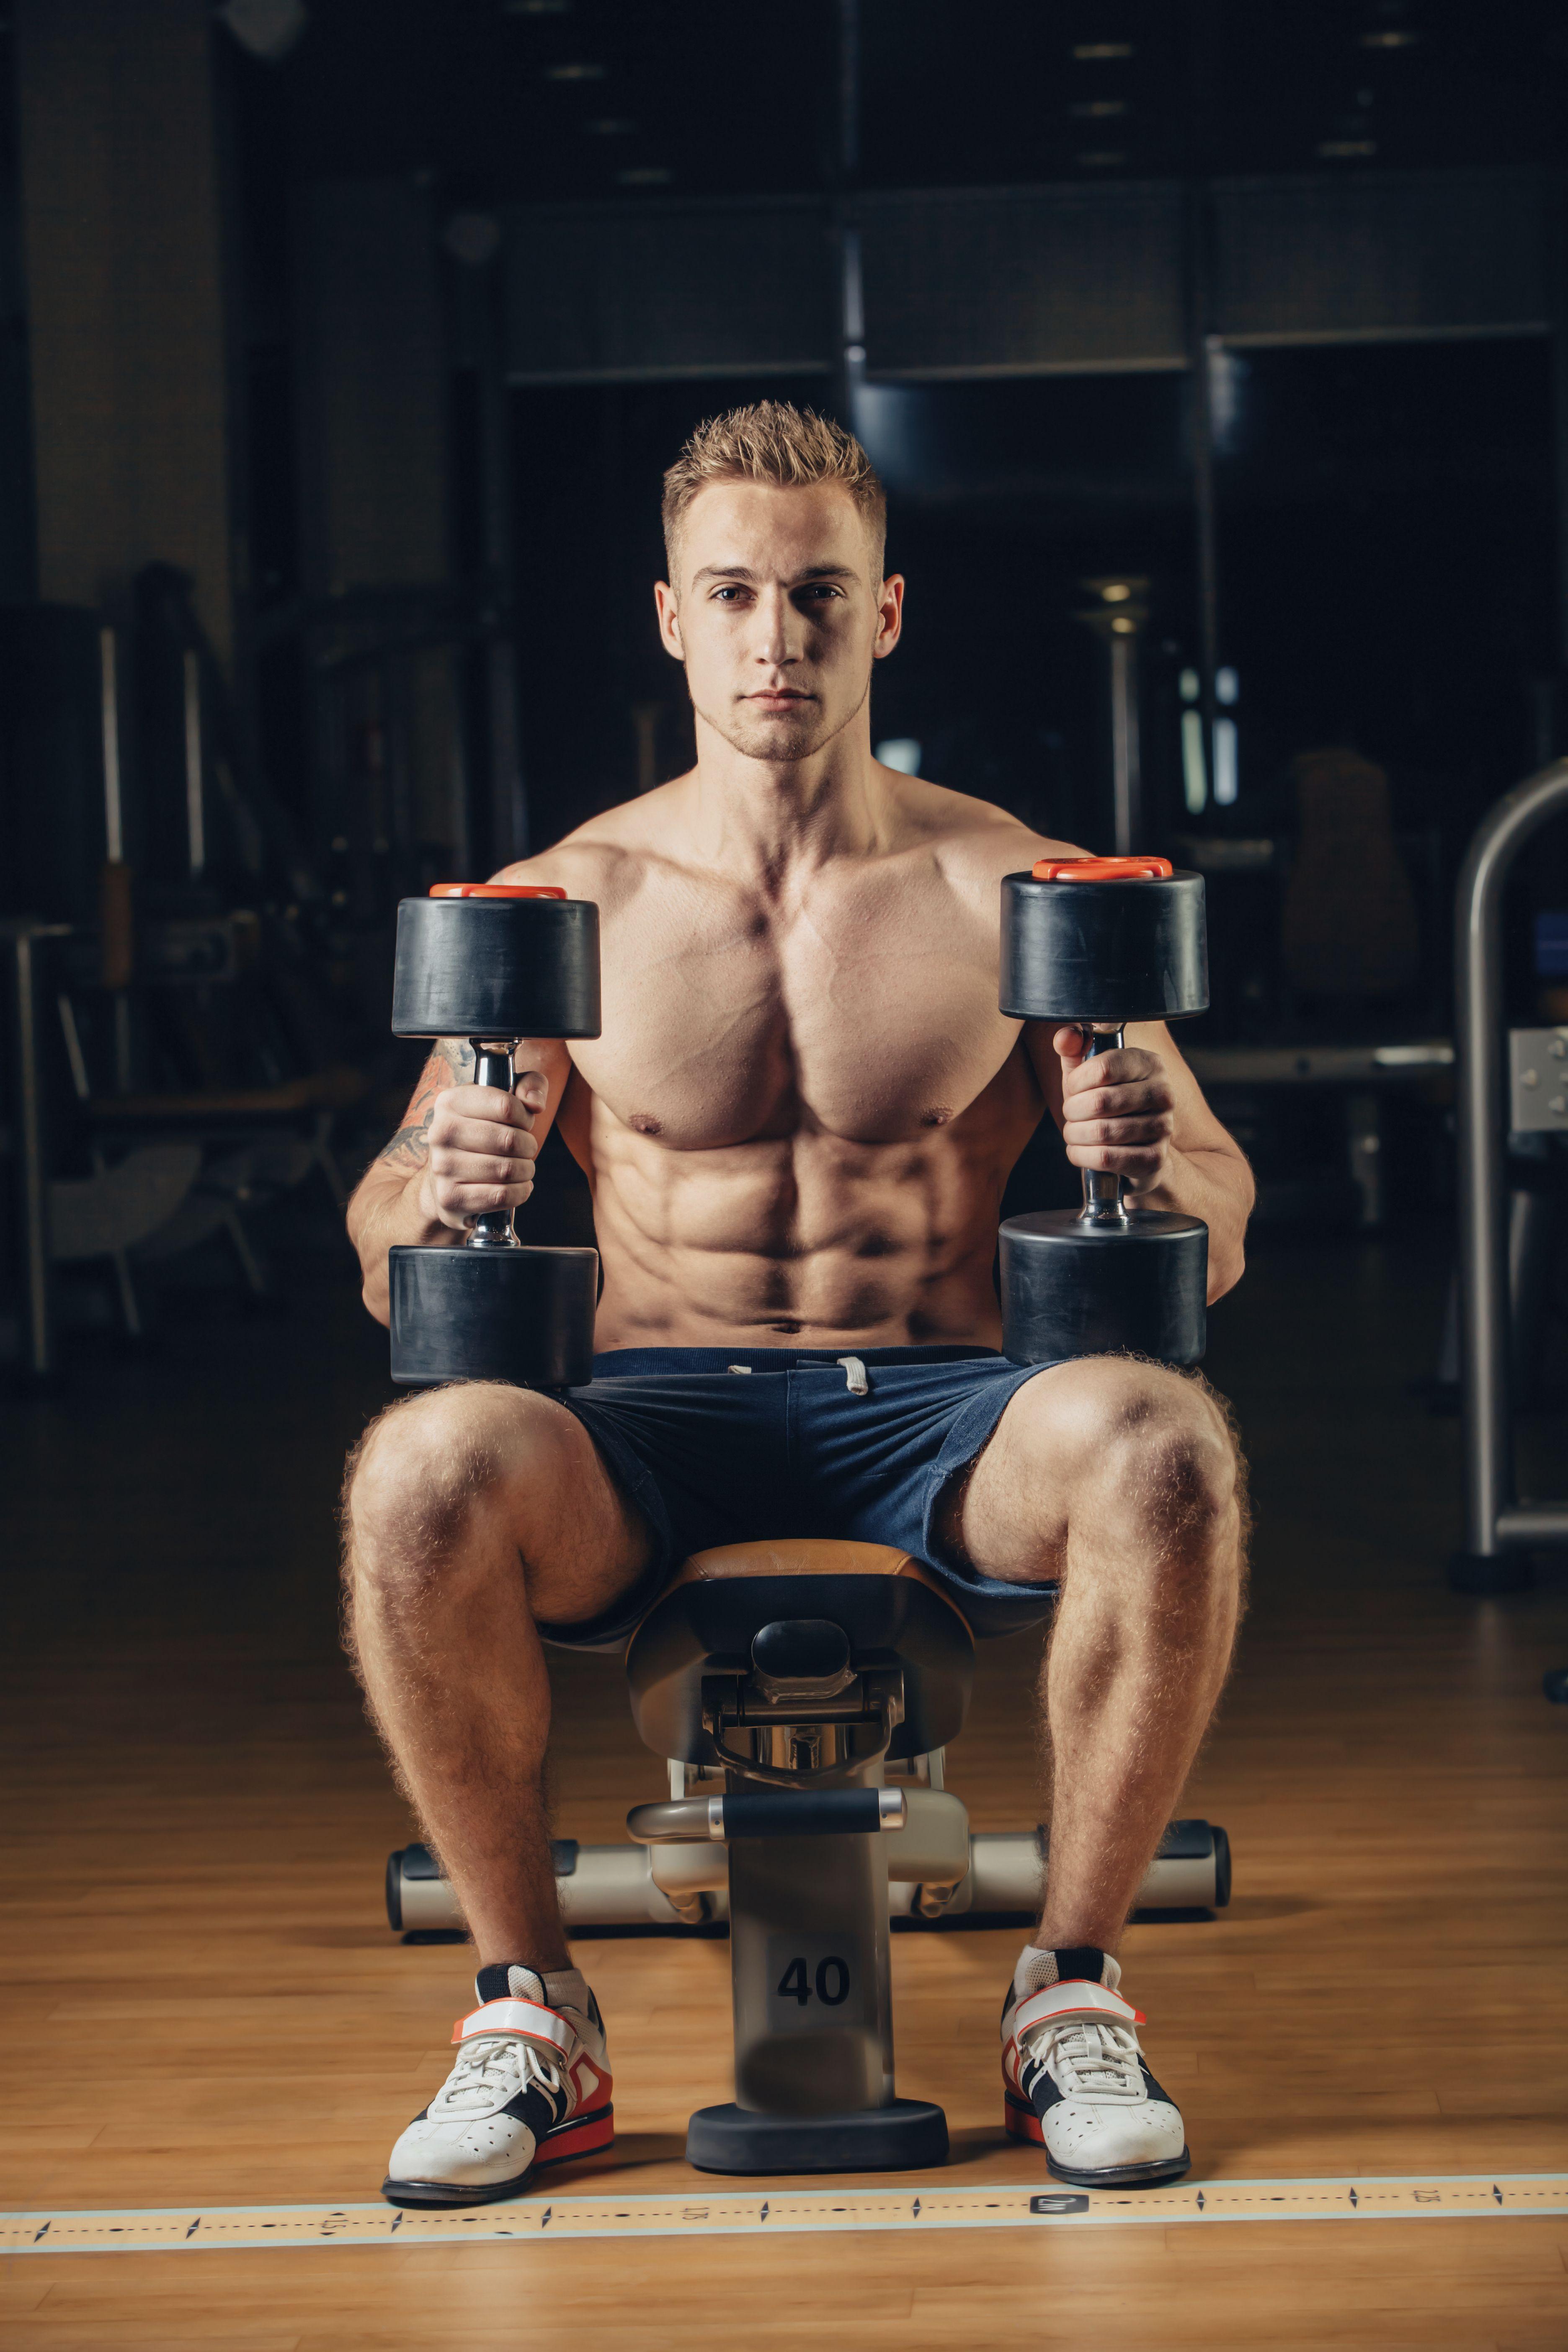 Musculación y tonificación: Clases y gimnasio de Rou Shi Do Fight Club